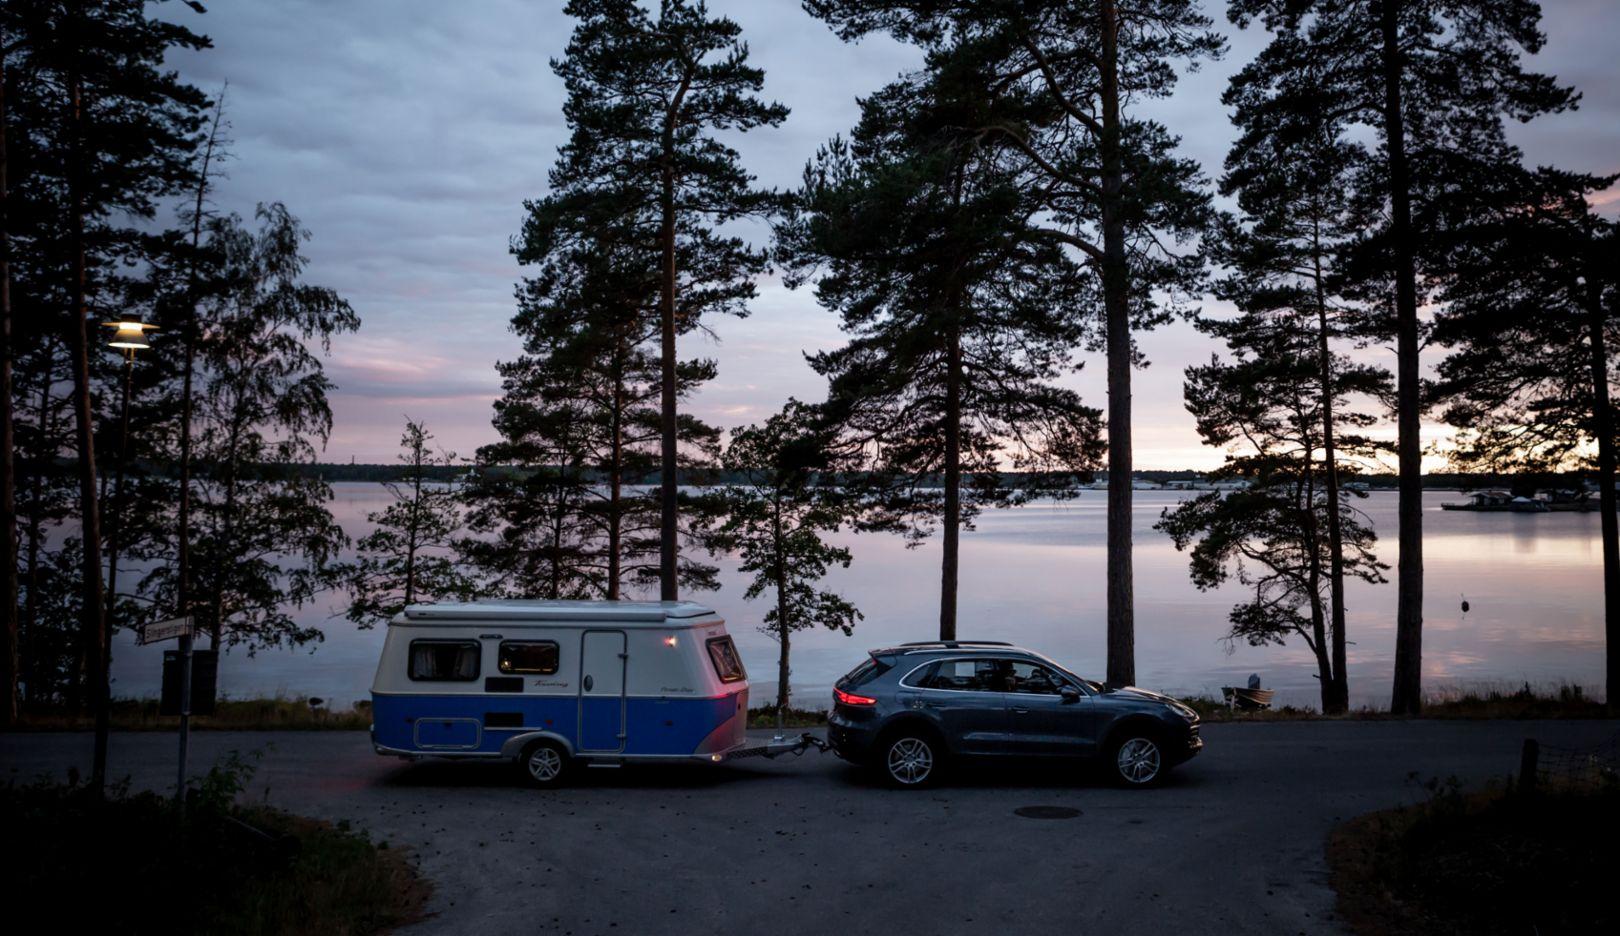 Midsommar Roadtrip through Sweden